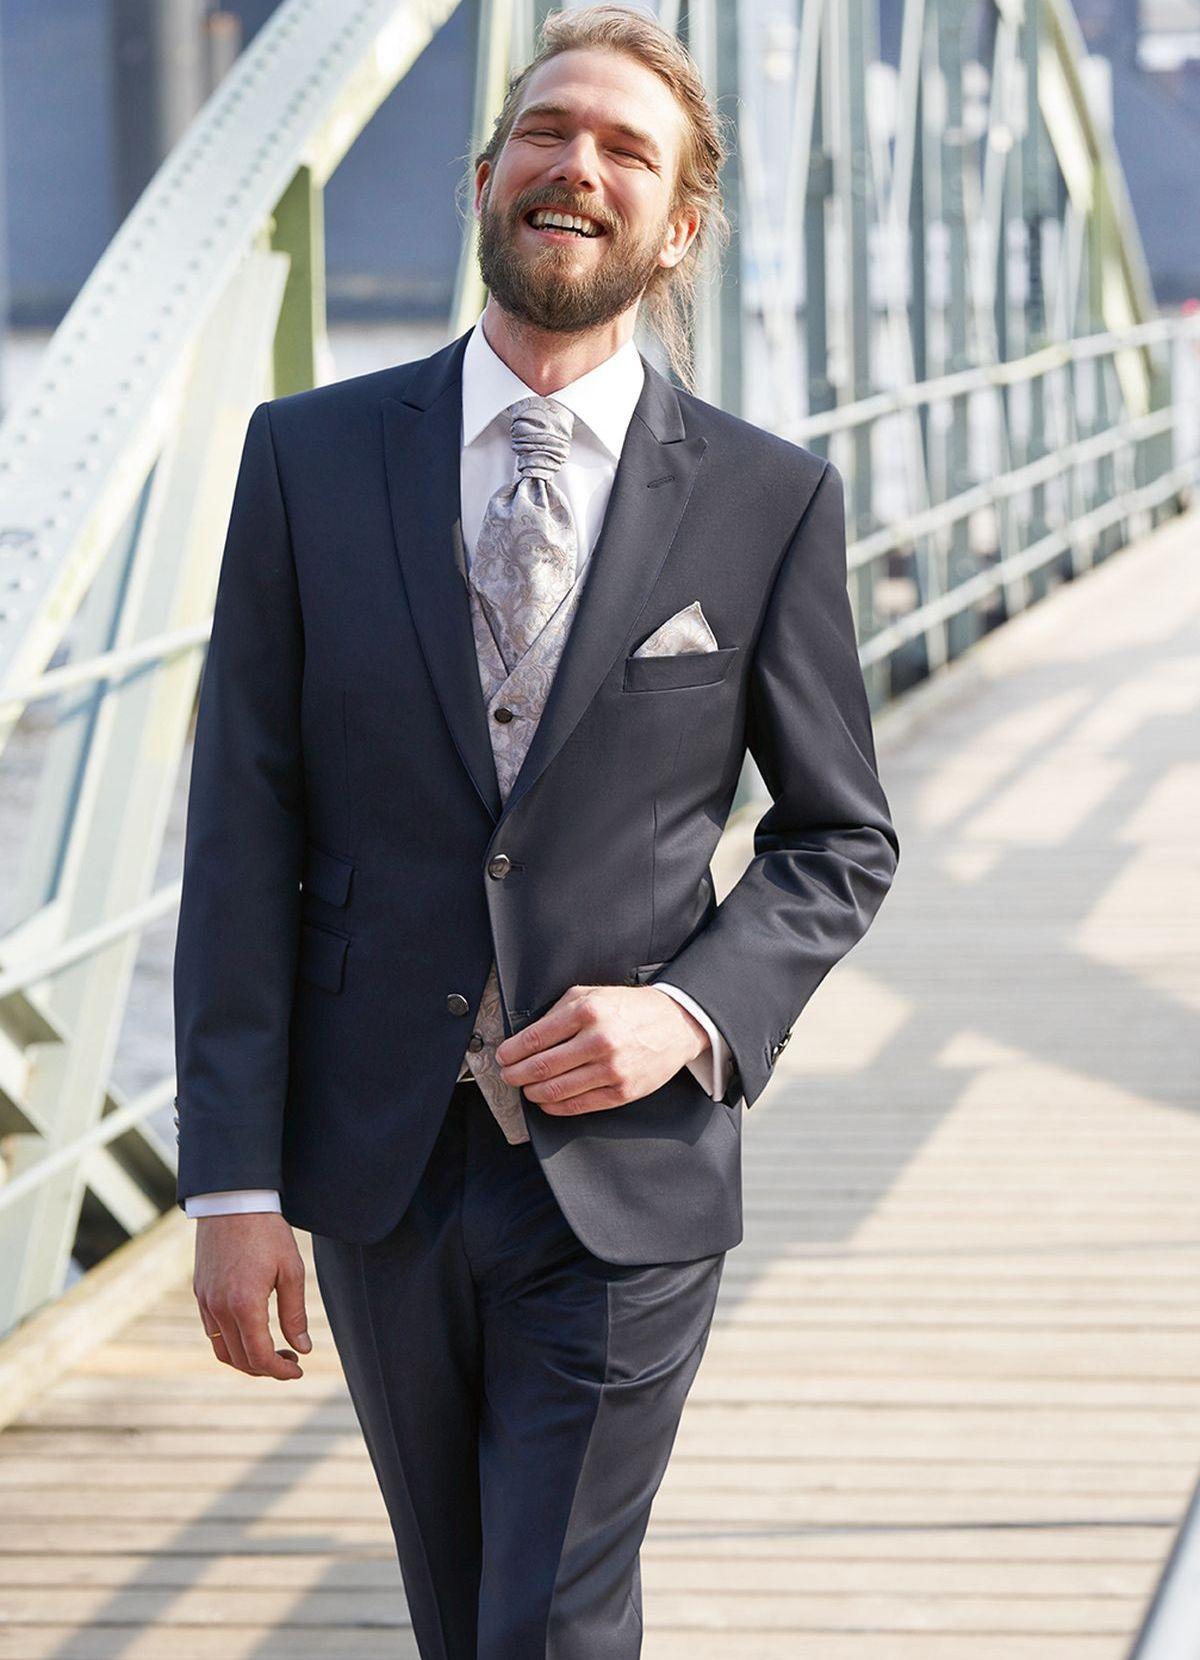 Hochzeitsanzüge für Individualisten | Shots Magazin